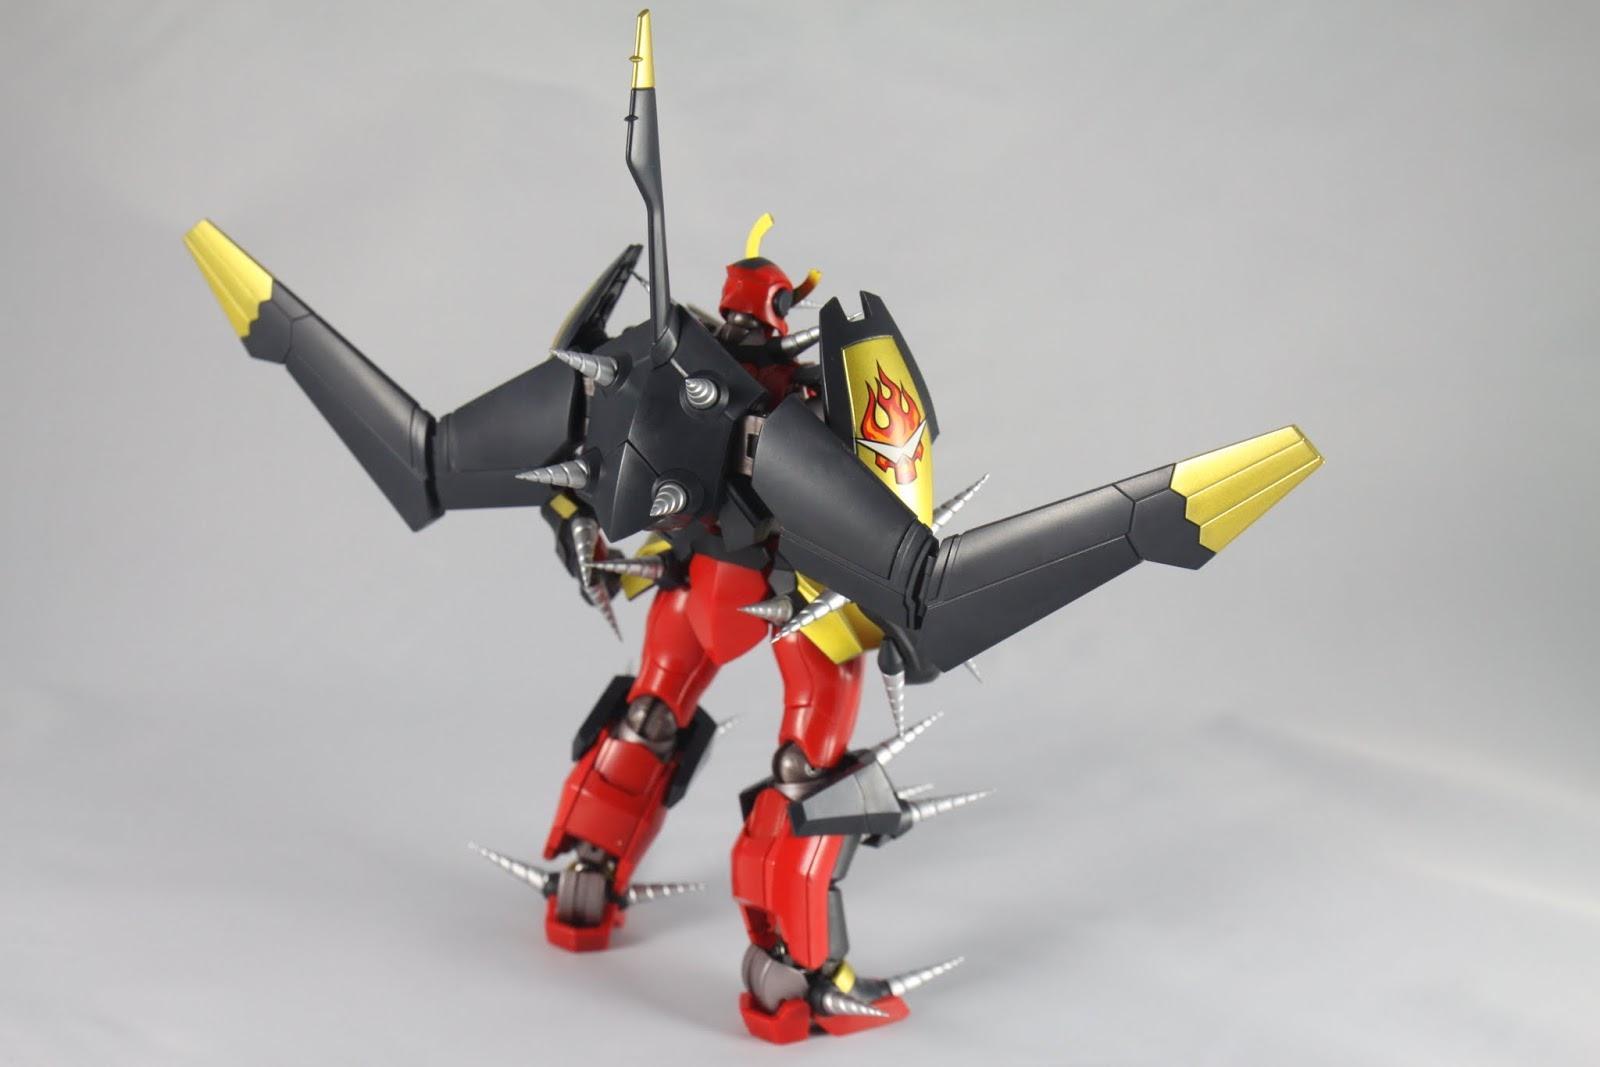 飛翼本身就有四根鑽頭了 還有合體處的背部零件拆下來不用也把原本在上面的鑽頭拆掉